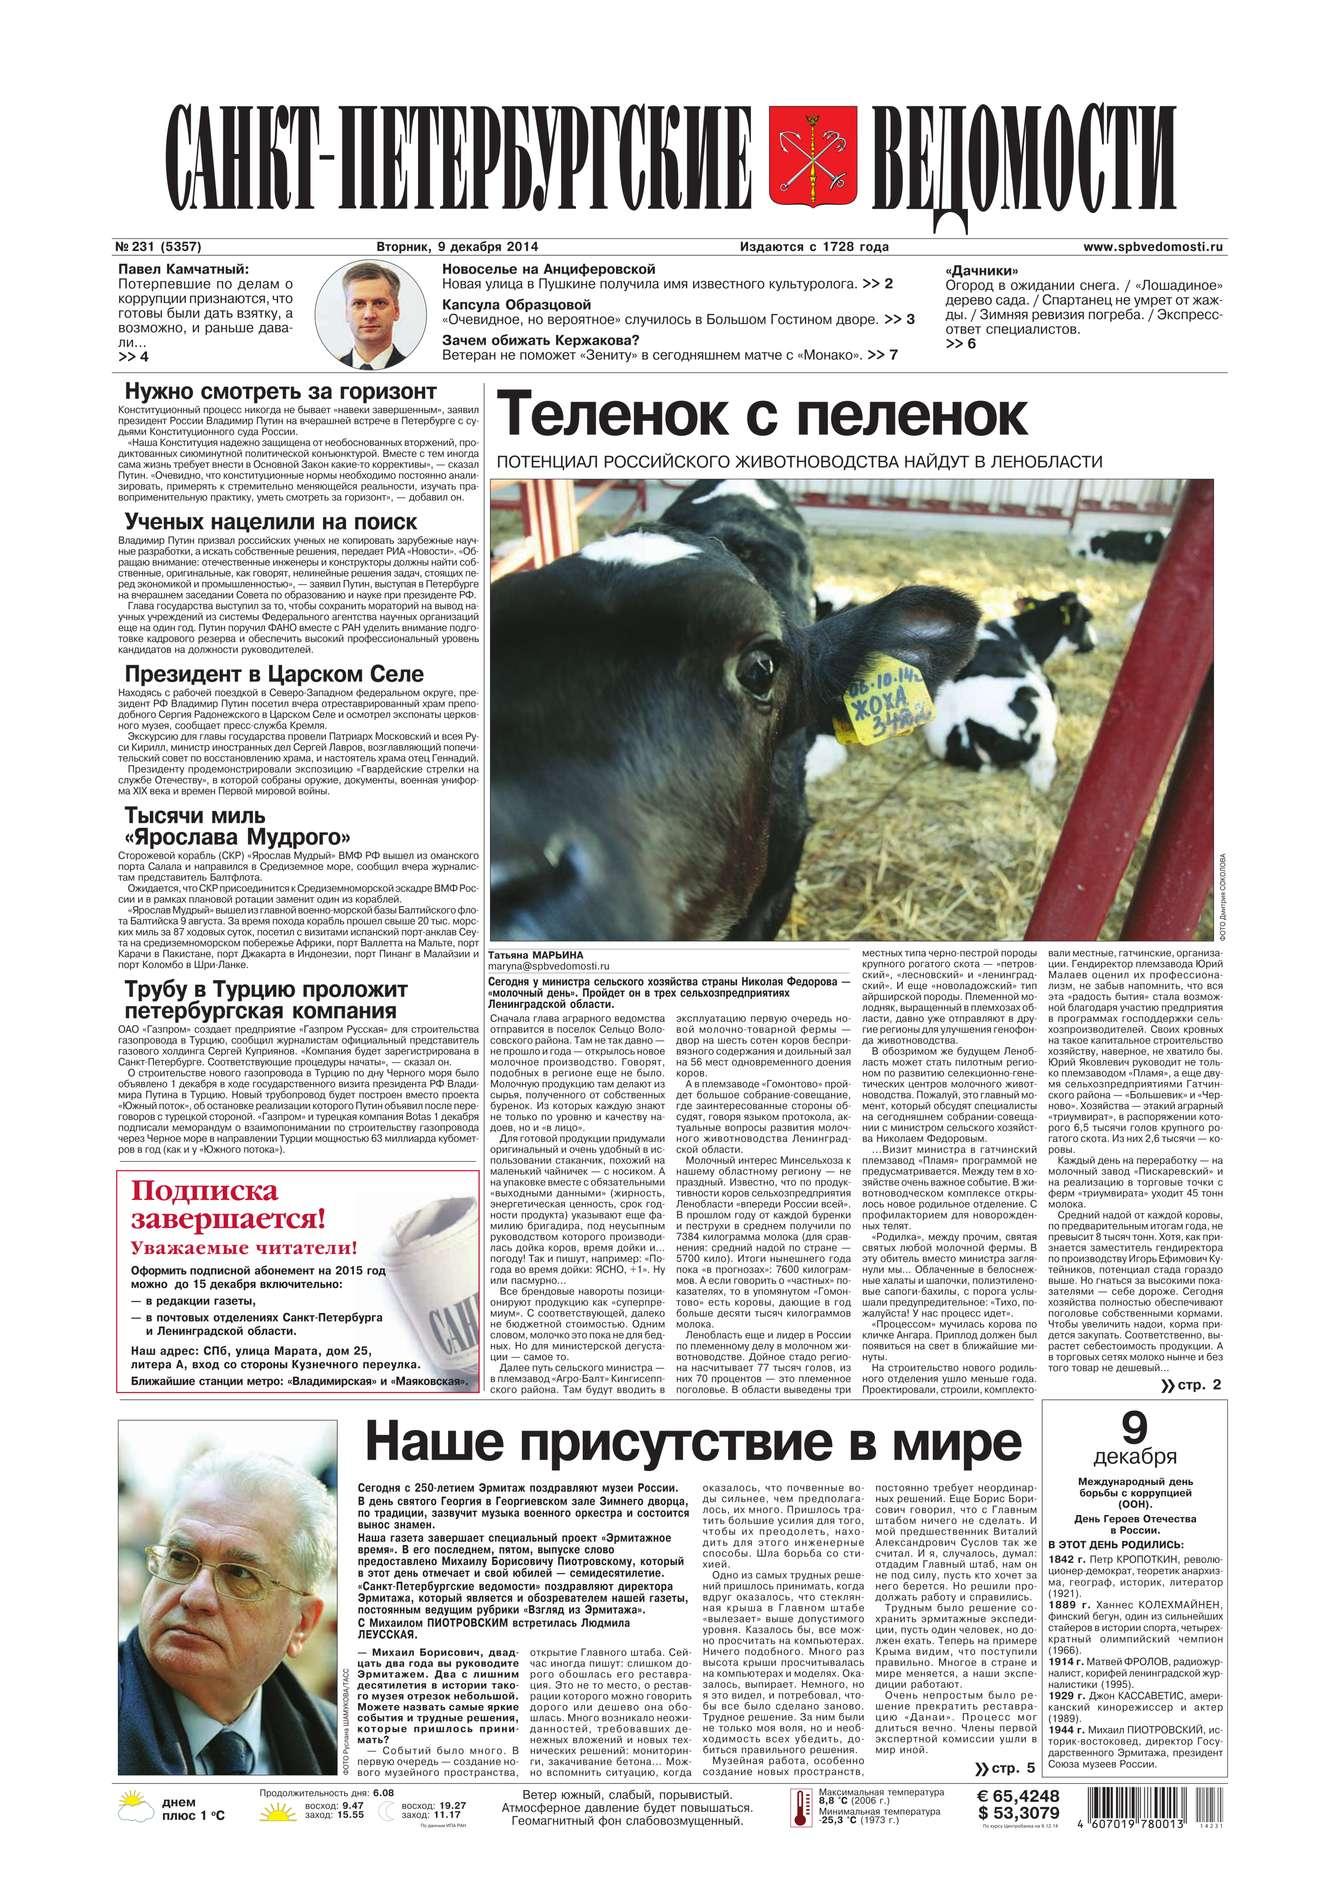 Санкт-Петербургские ведомости 231-2014